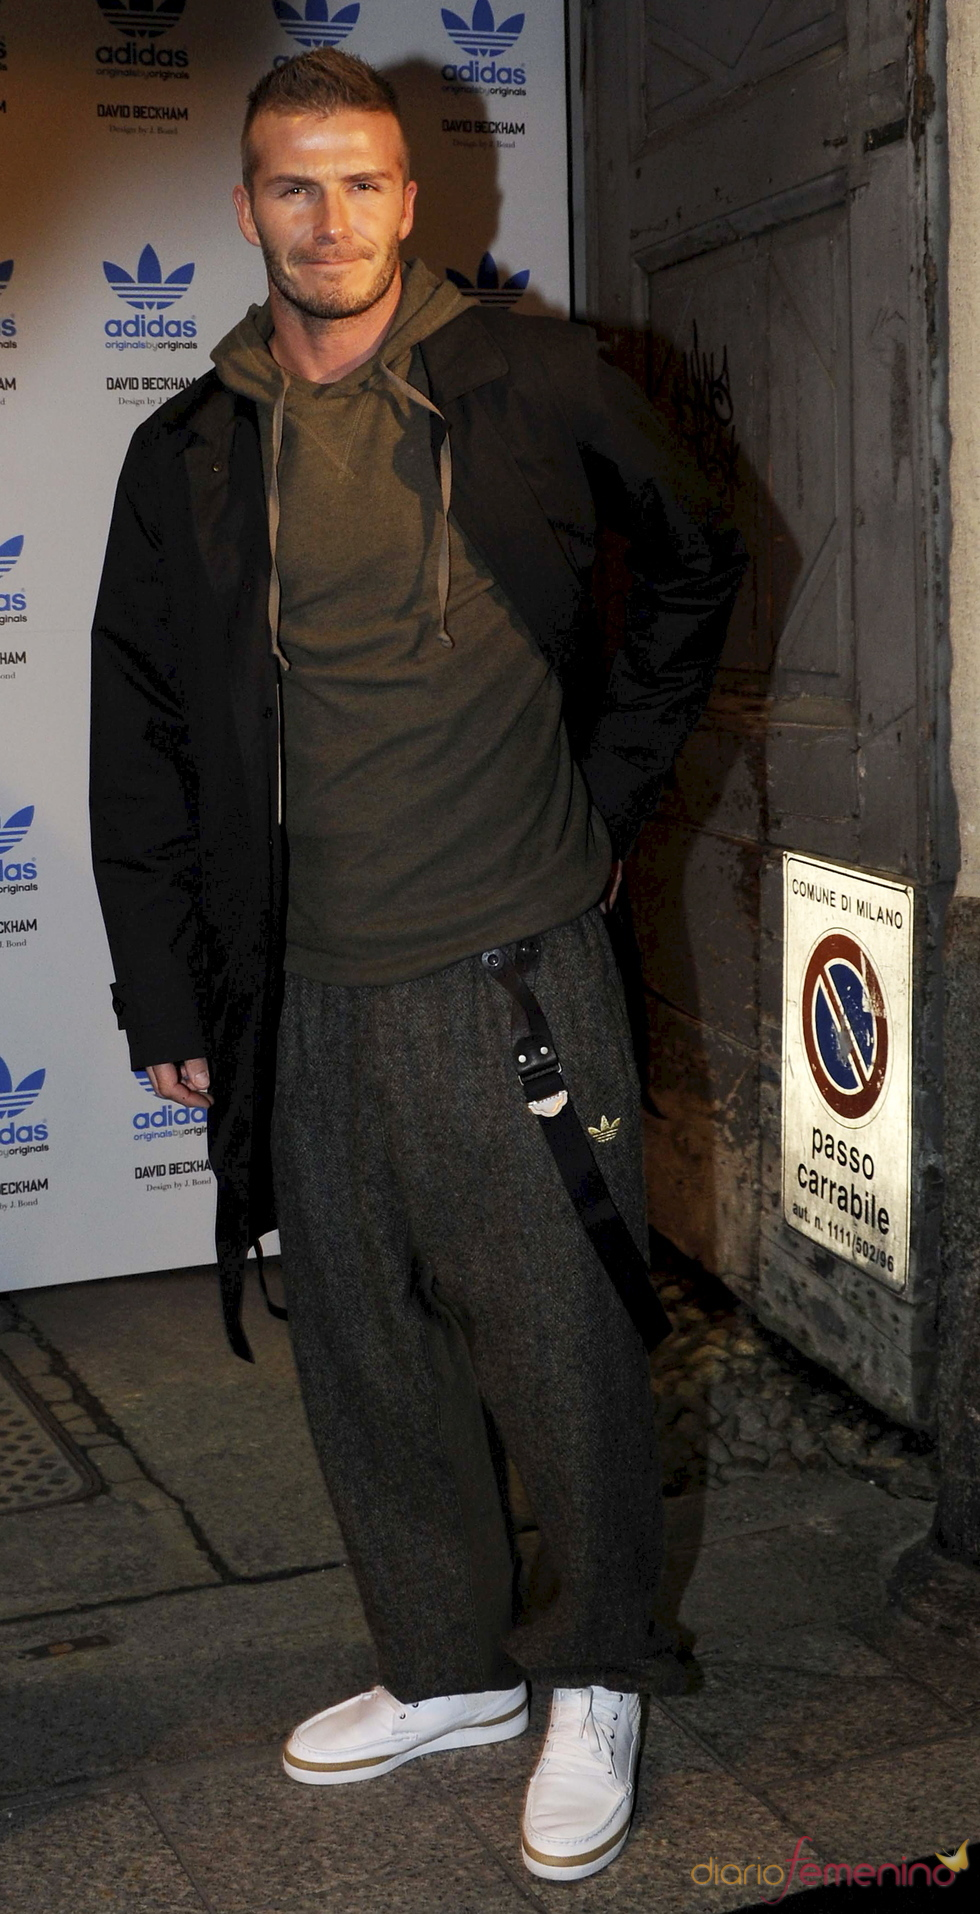 David Beckham, fiel a Adidas